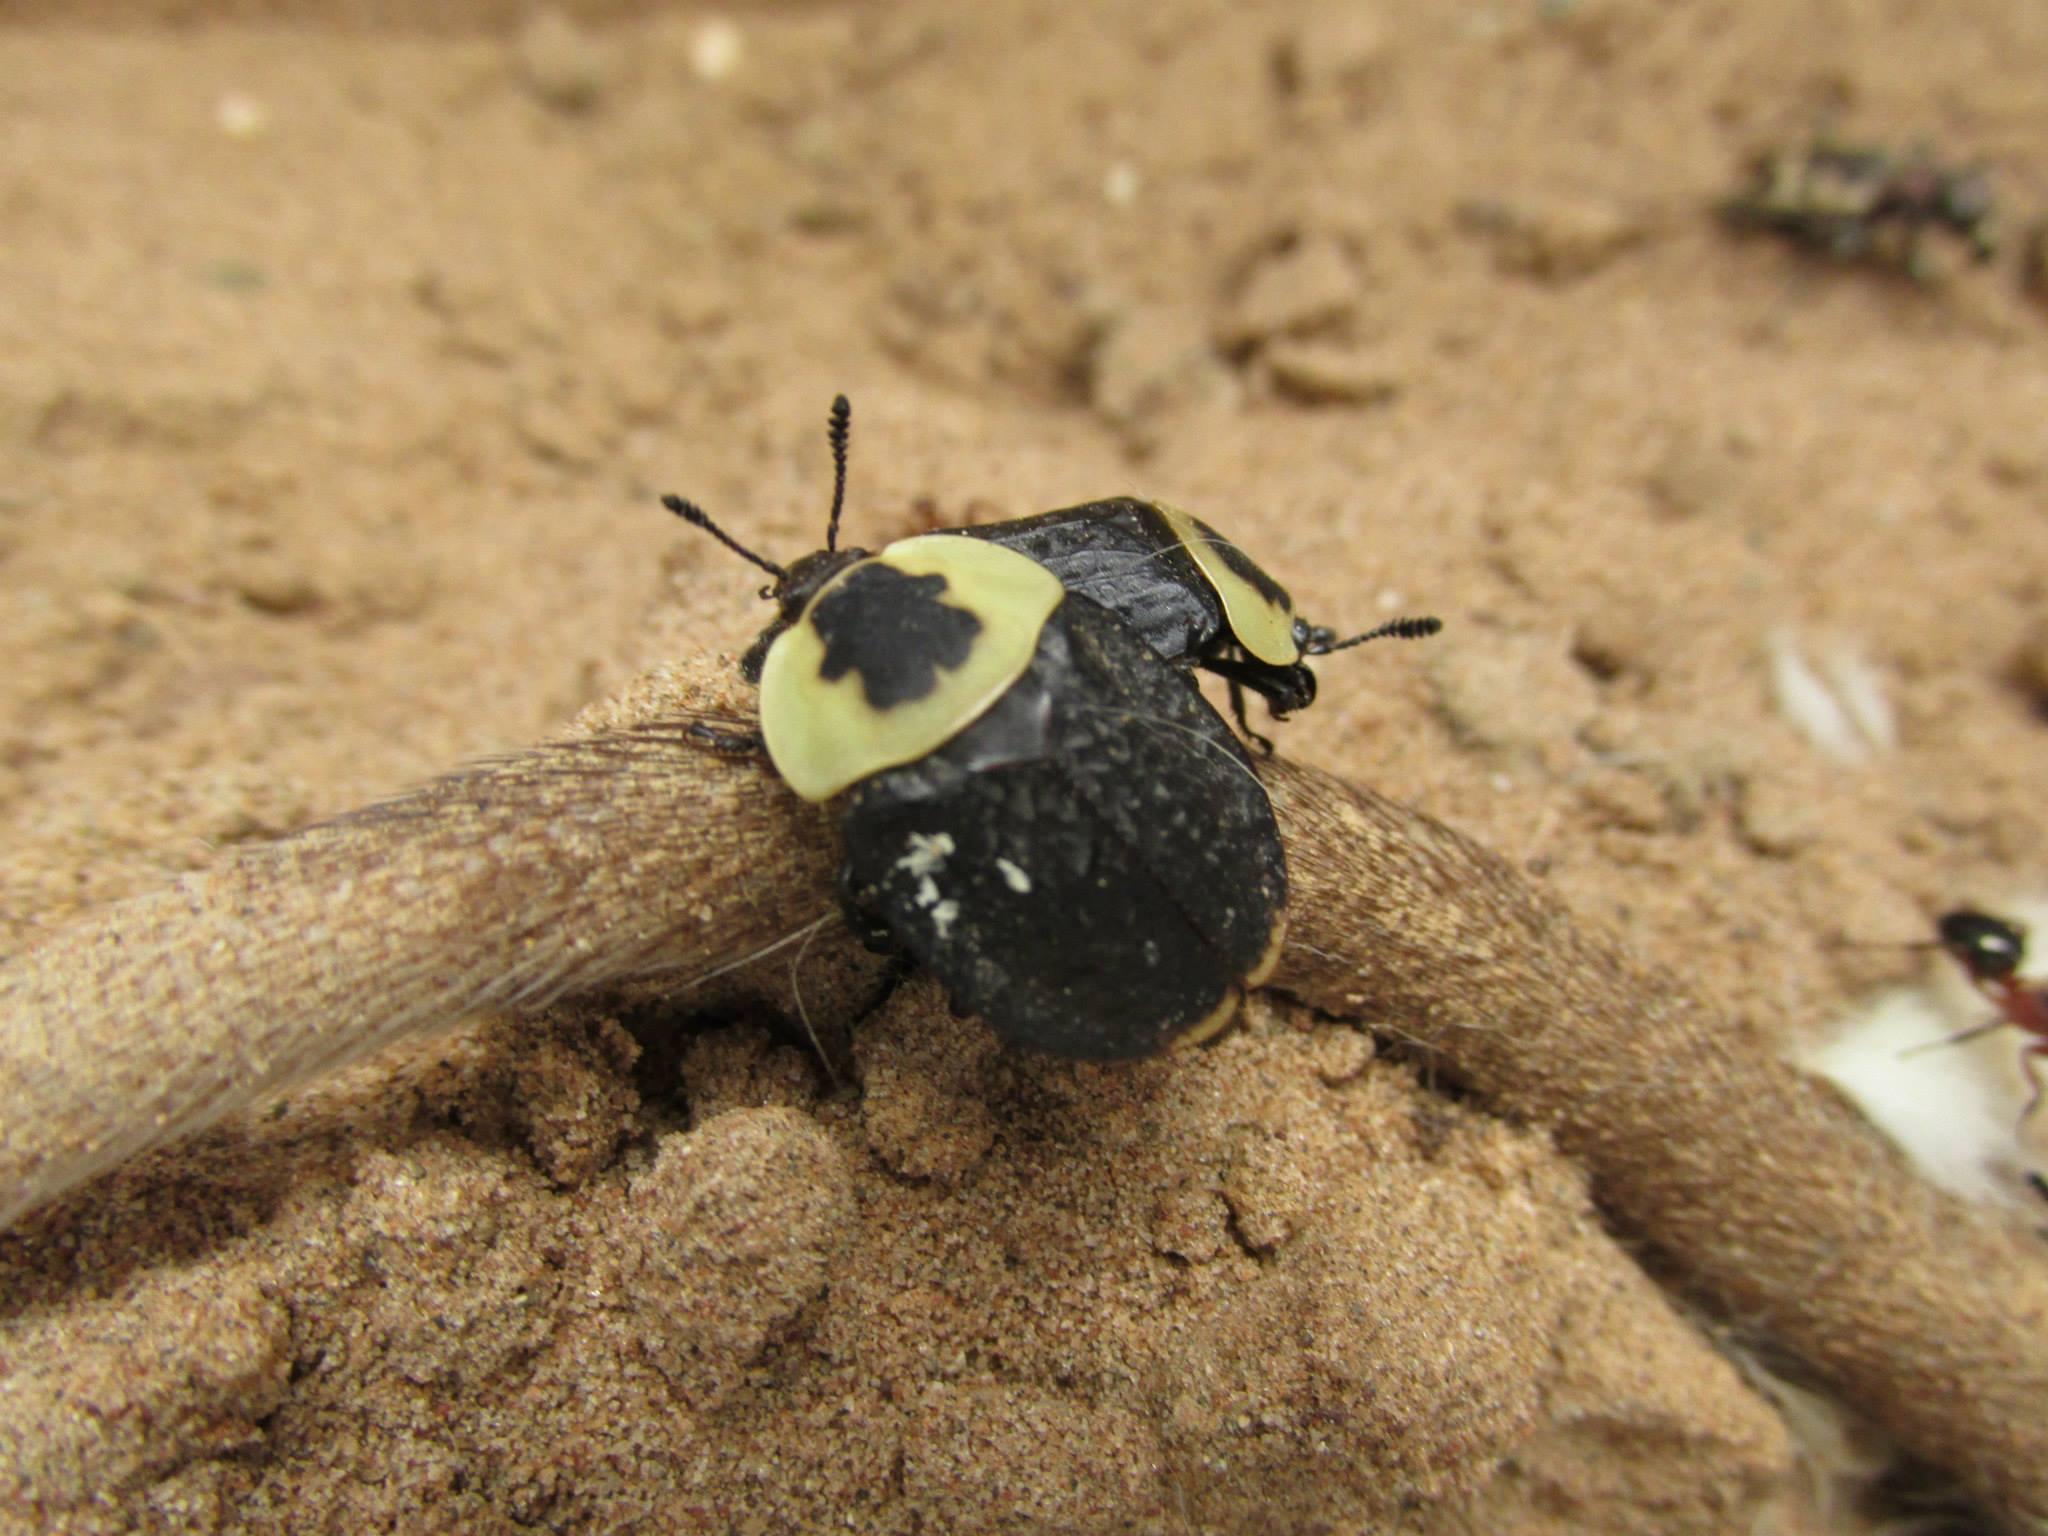 American Carrion Beetles